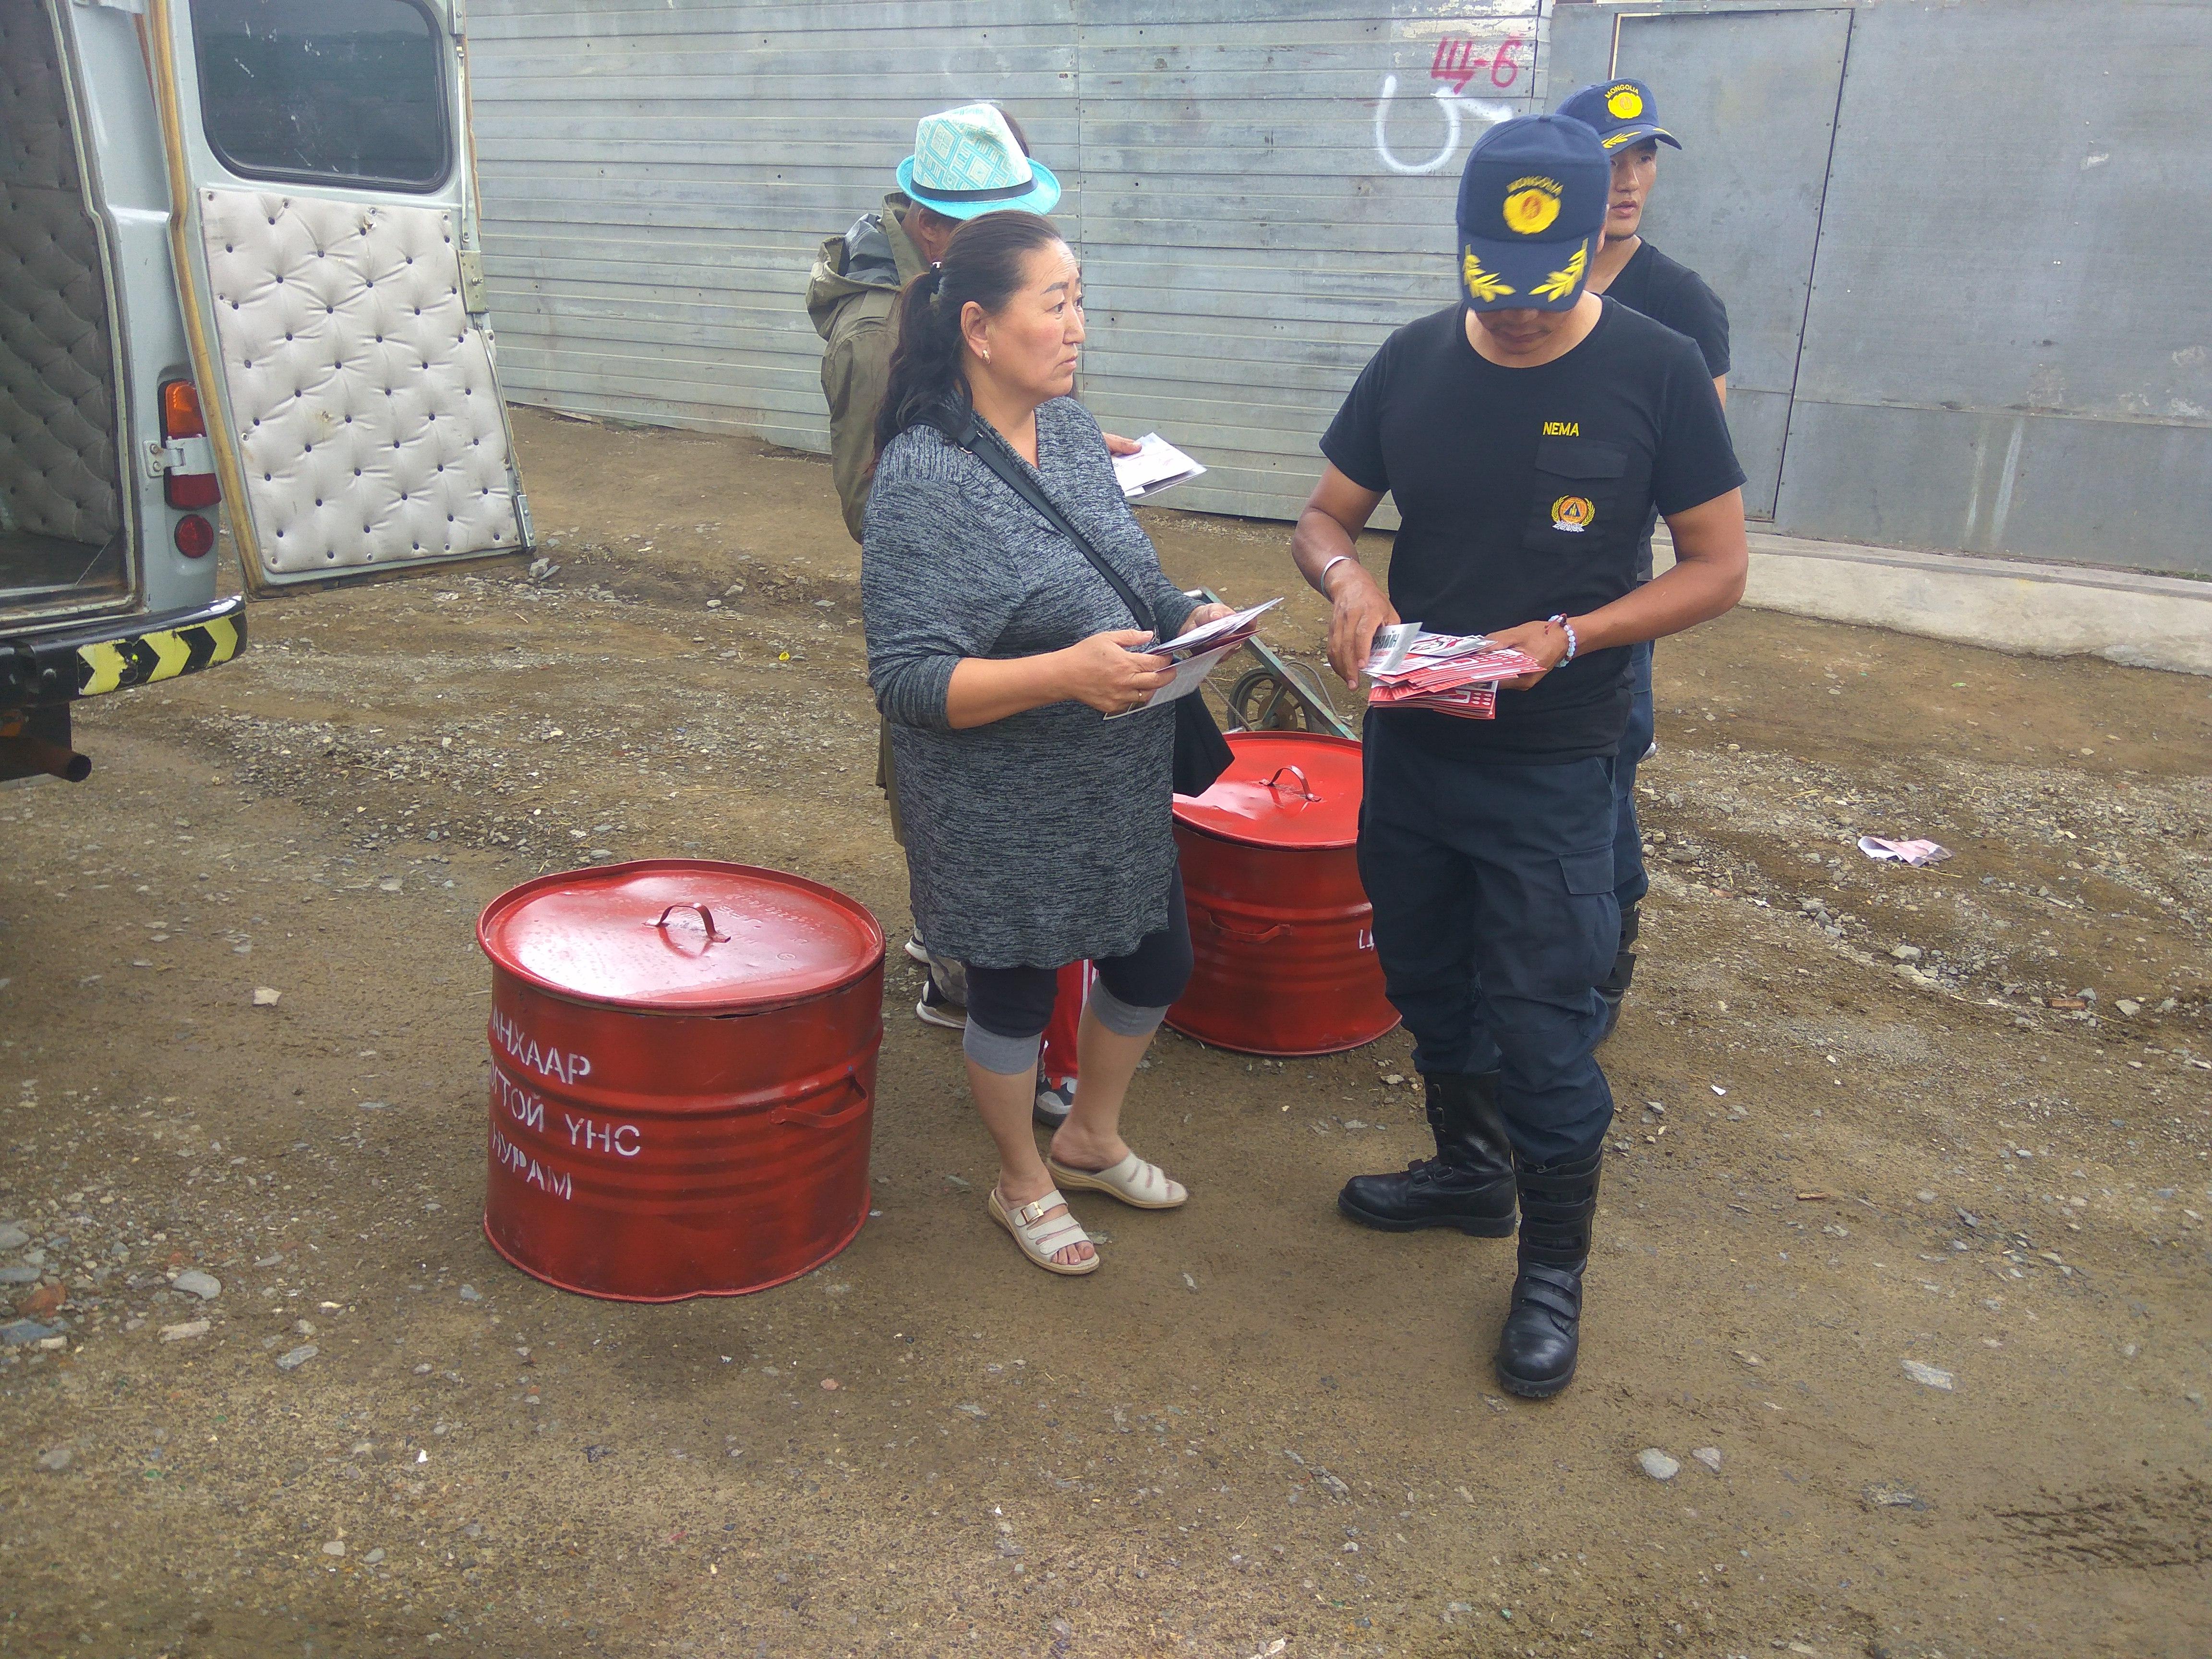 Гал түймрийн аюулаас урьдчилан сэргийлэх